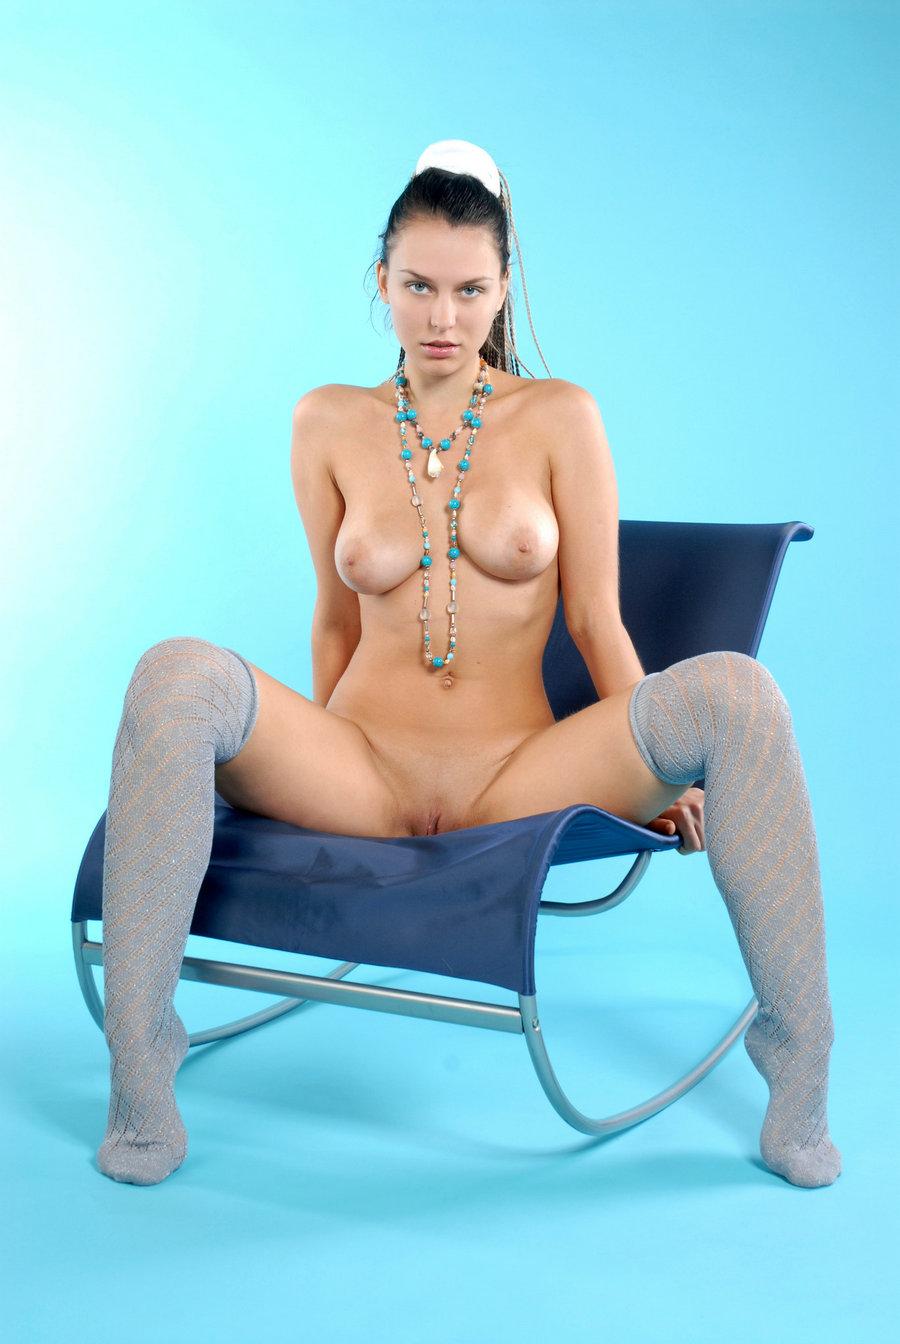 蓝色背景室拍大尺度俄罗斯裸模Iveagh